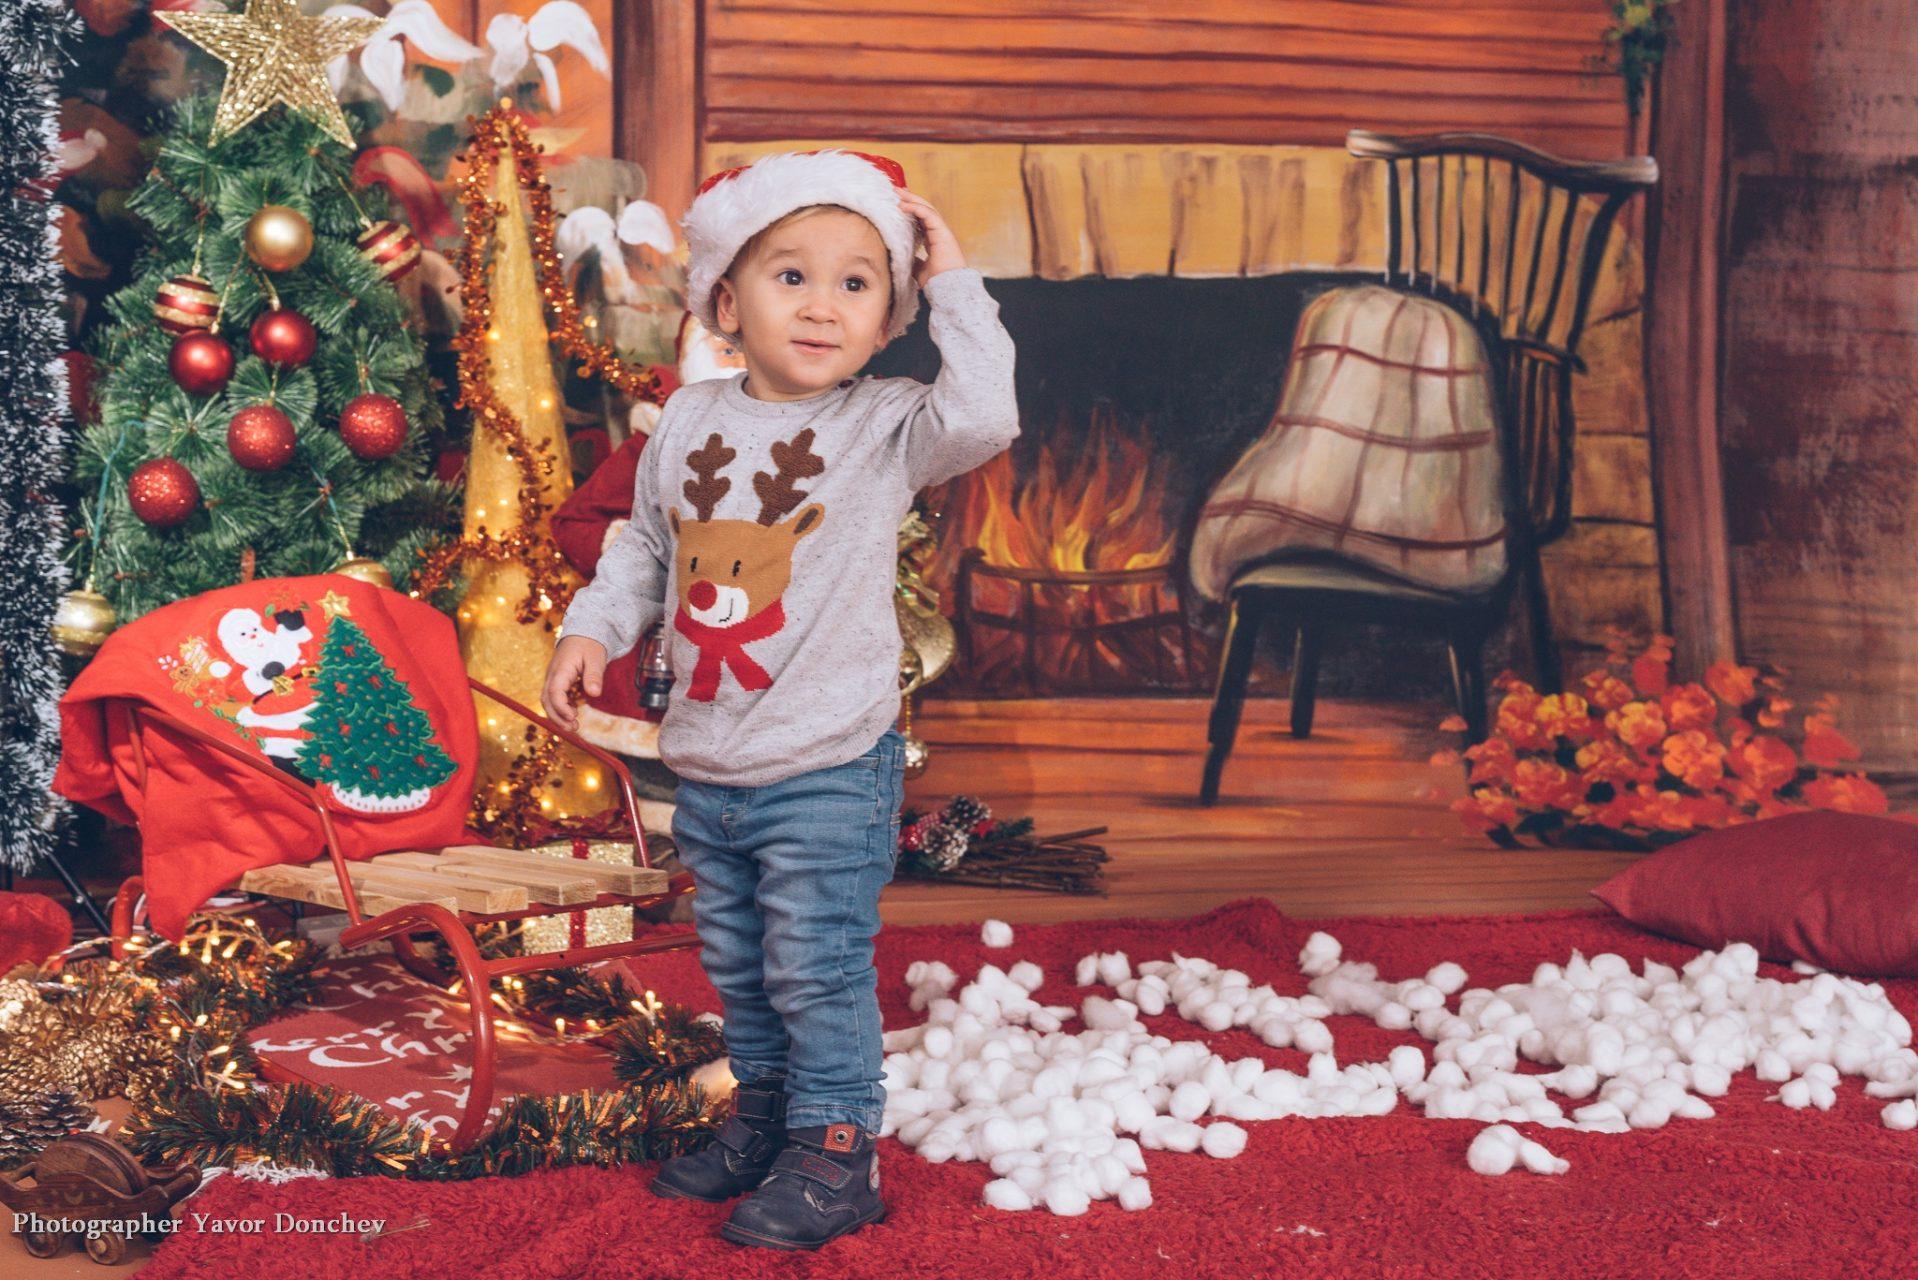 Коледна фотосесия фотограф Явор Дончев